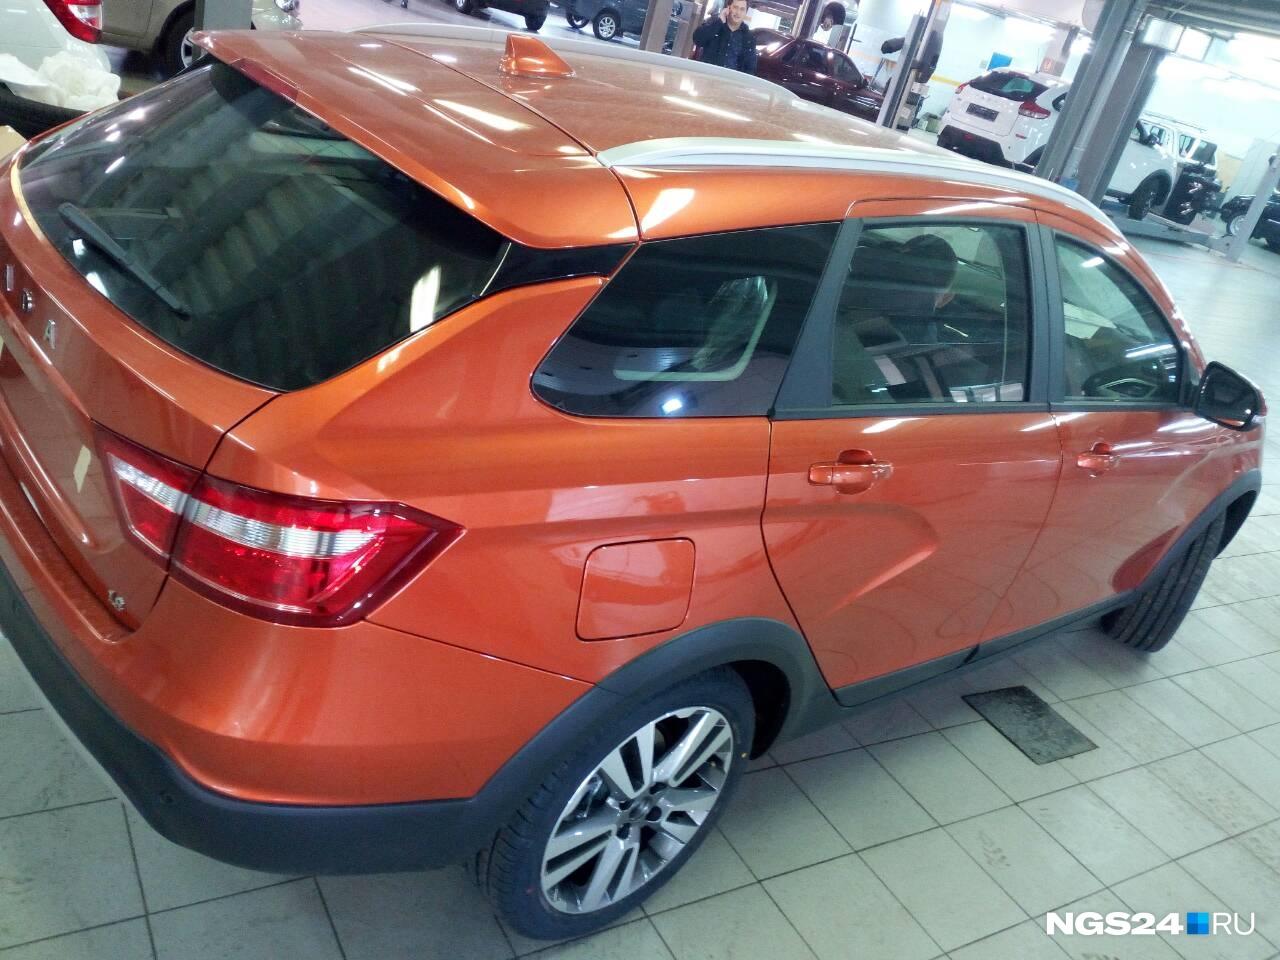 Максимальная цена —859,9 тысячи рублей